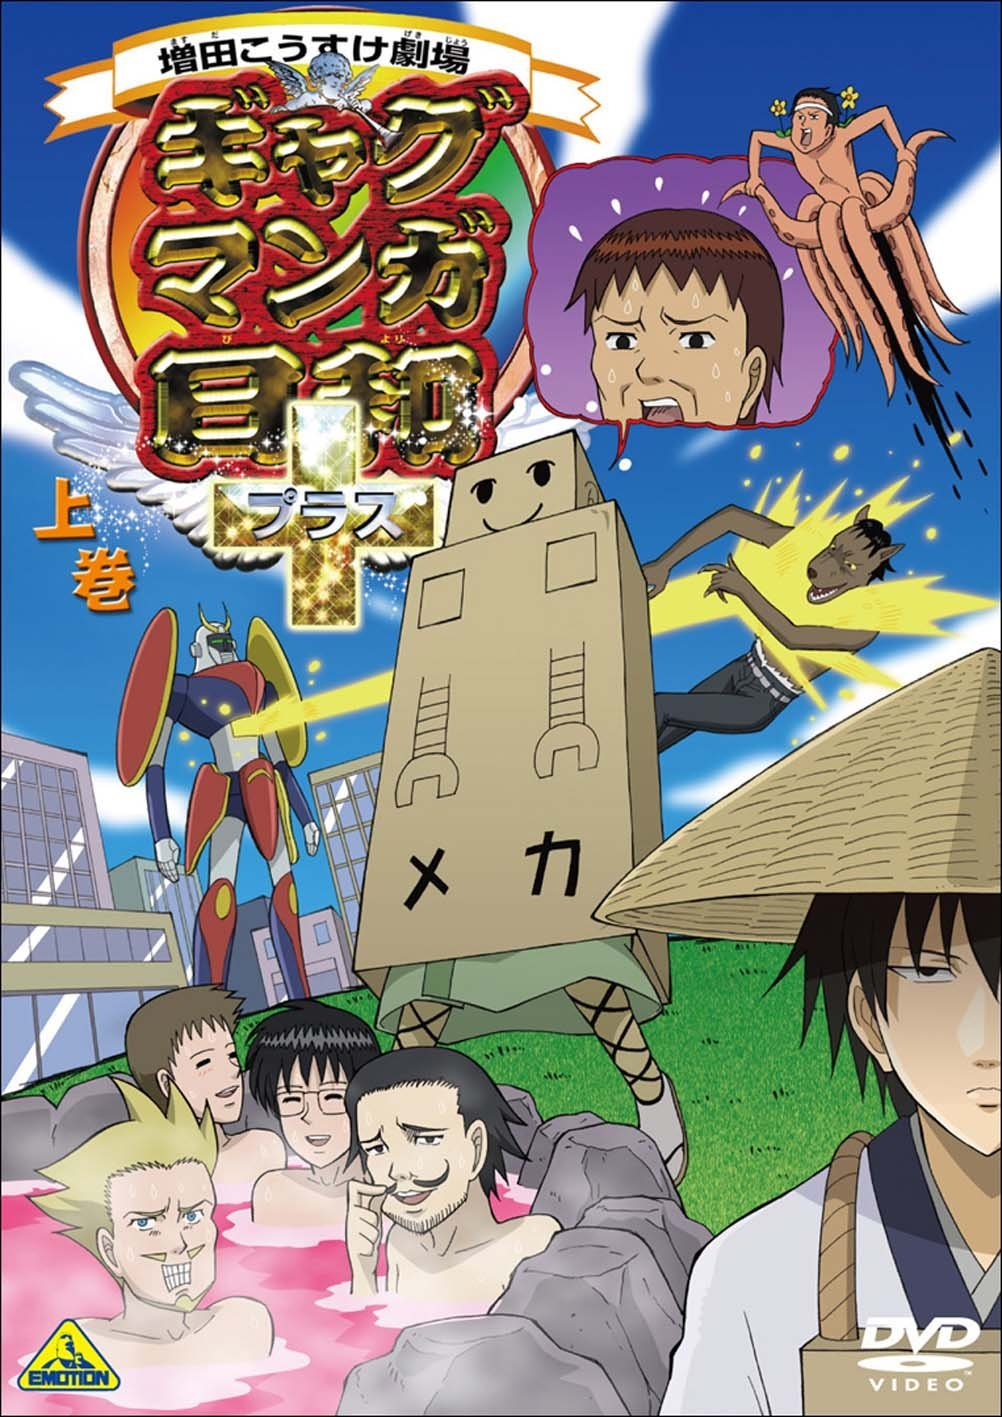 早口・実写融合・・・「 ギャグマンガ日和 」は時代を先取りしすぎたショートアニメの意欲作だった!